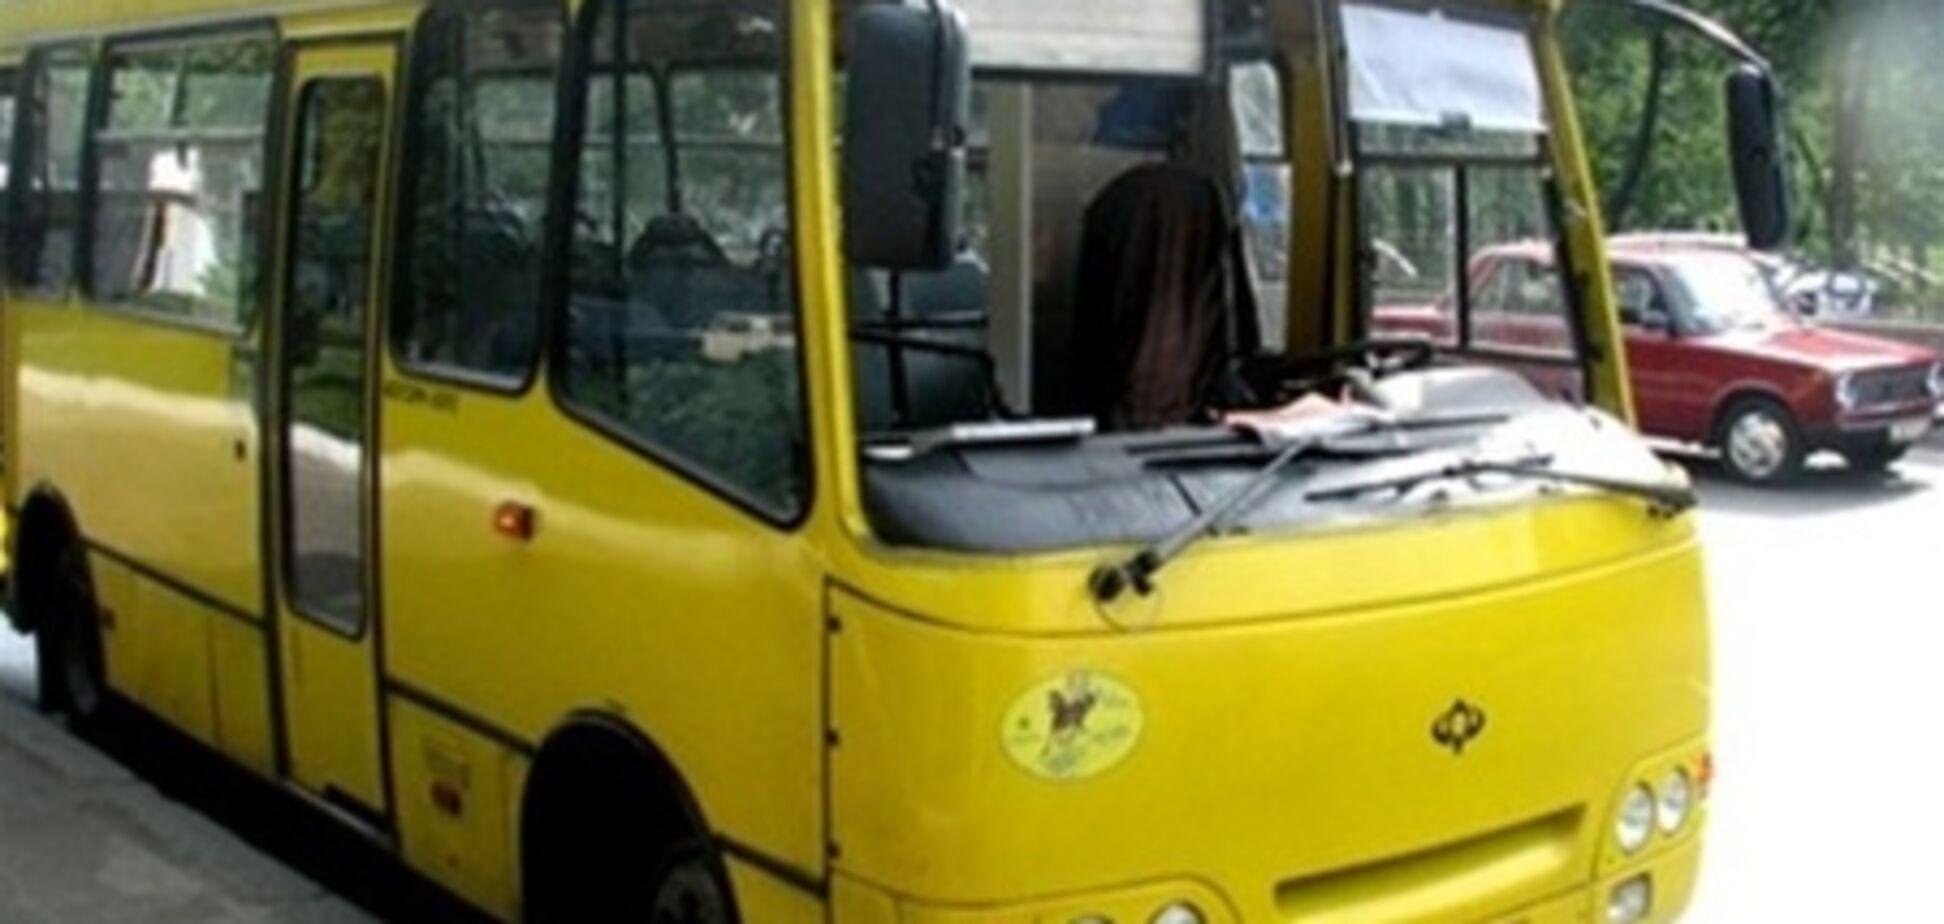 В Одессе сгорела маршрутка, водитель госпитализирован. Видео